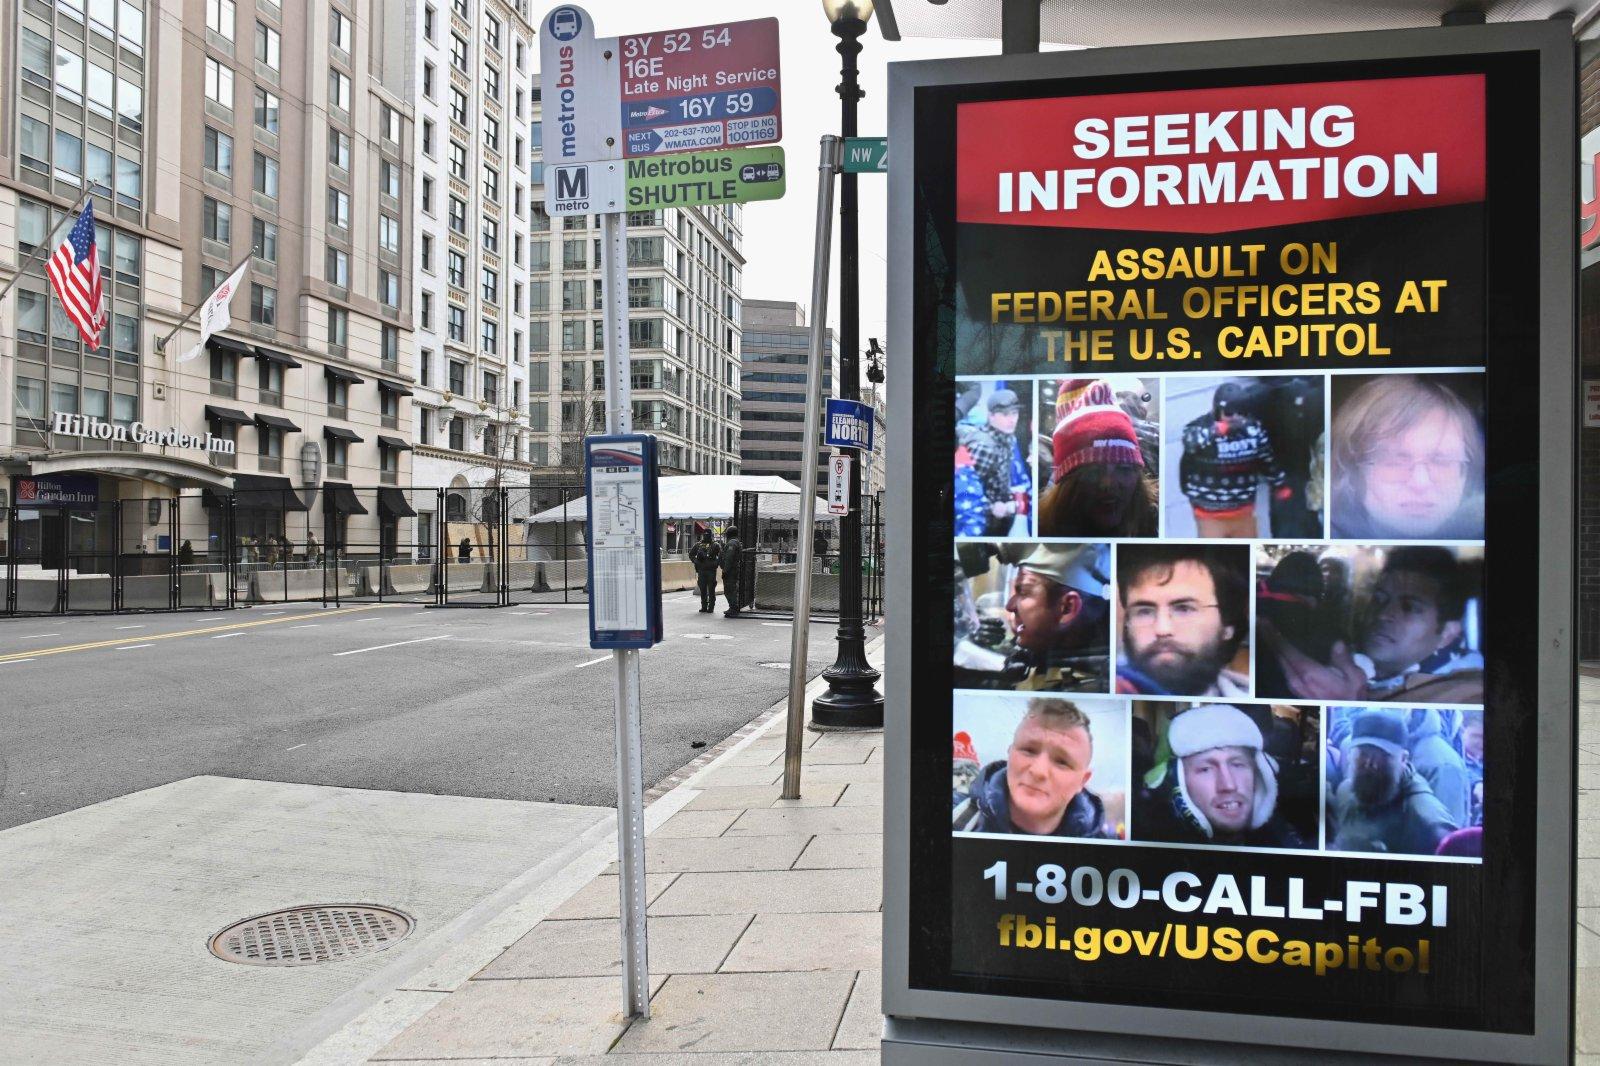 圖為1月18日的華盛頓市區,徵尋涉嫌參與衝擊國會事件嫌疑人的海報和封鎖的街道。(中新社)